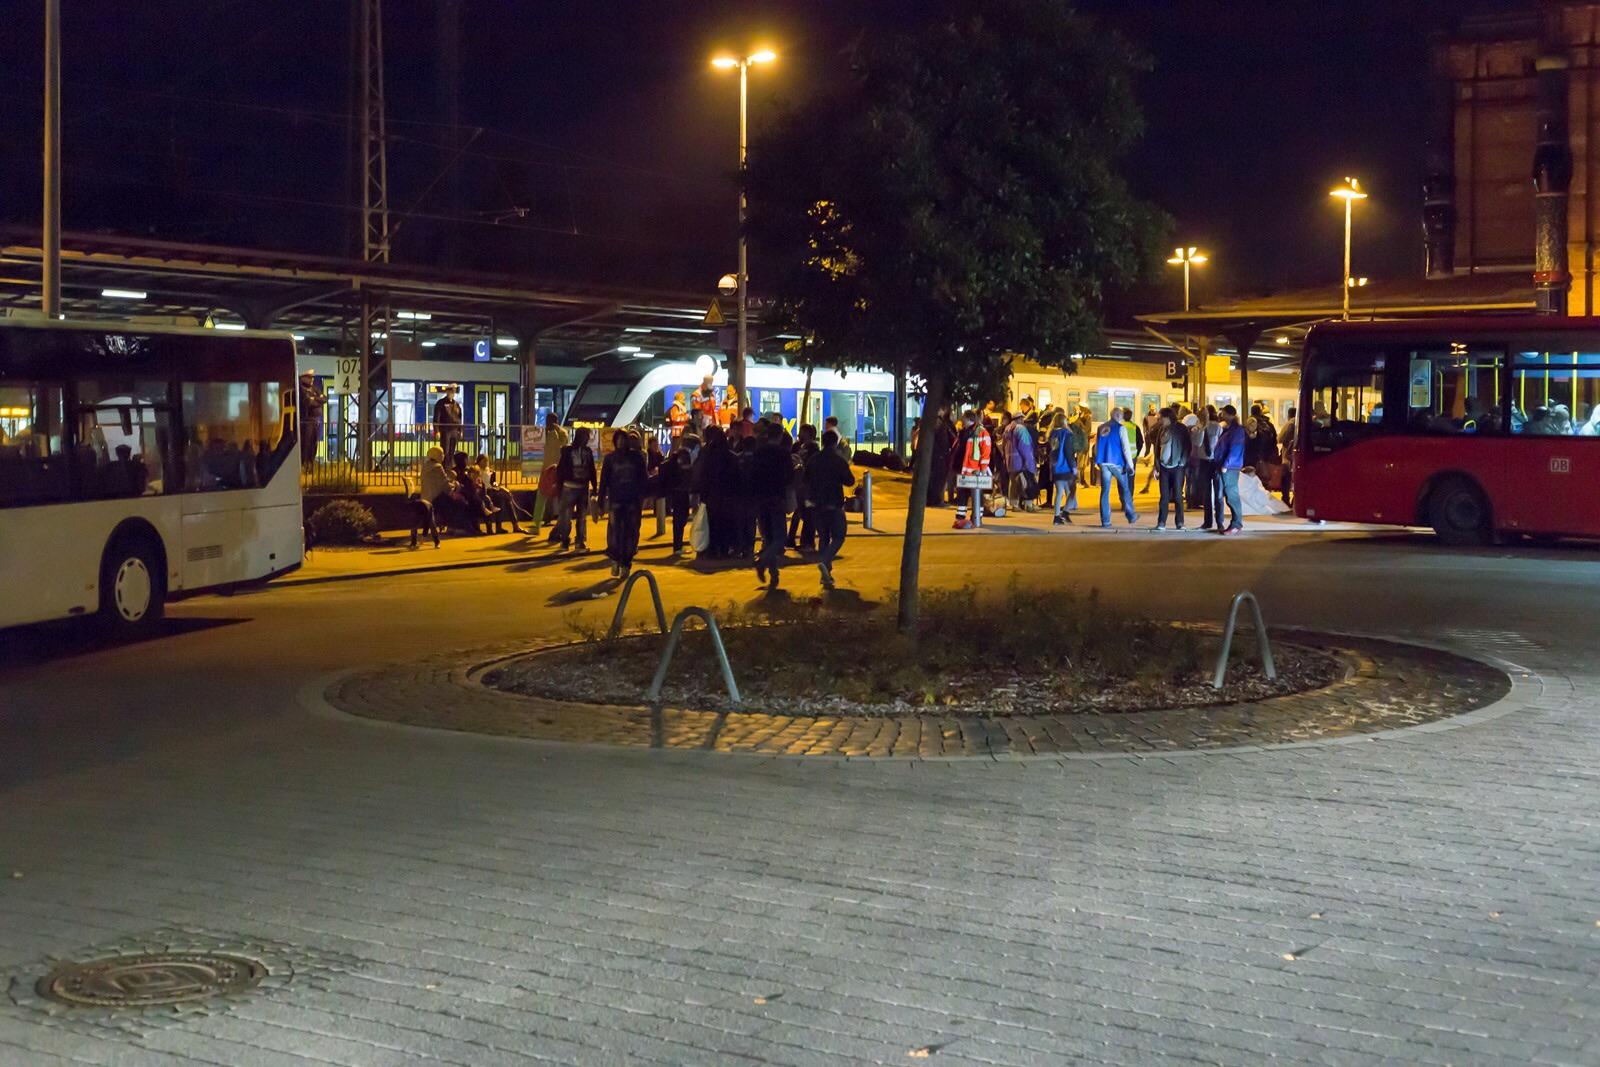 Vierter Flüchtlingszug am 23.09.15 im Uelzener Bahnhof angekommen